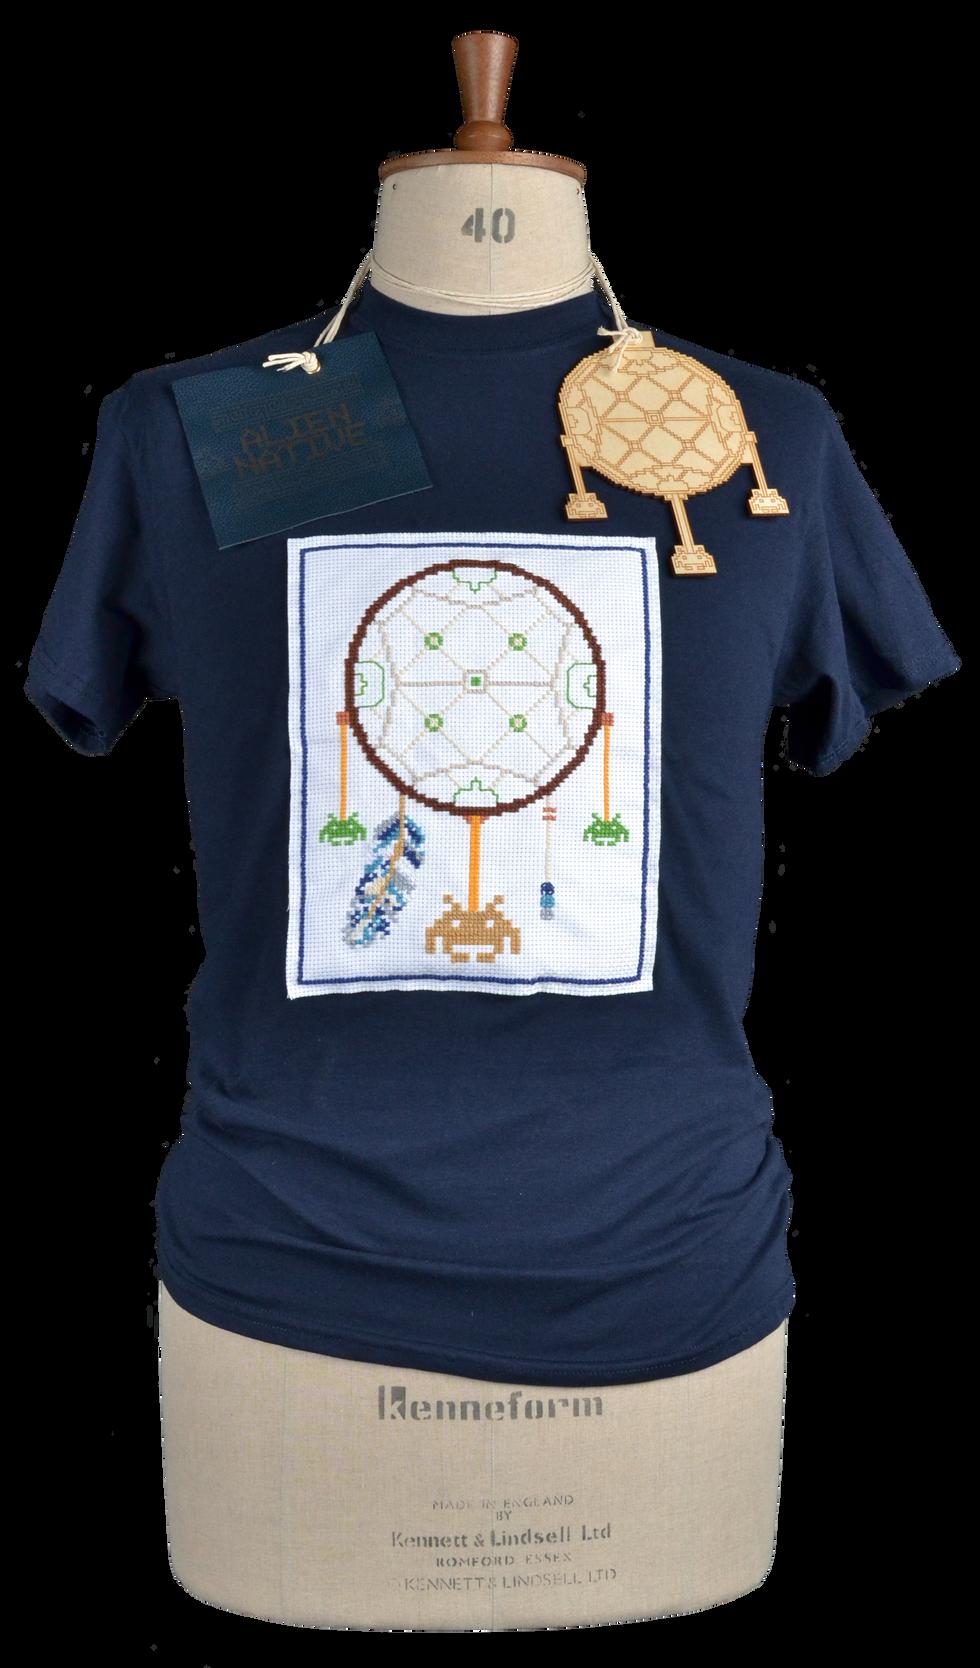 T-shirt Branding Project